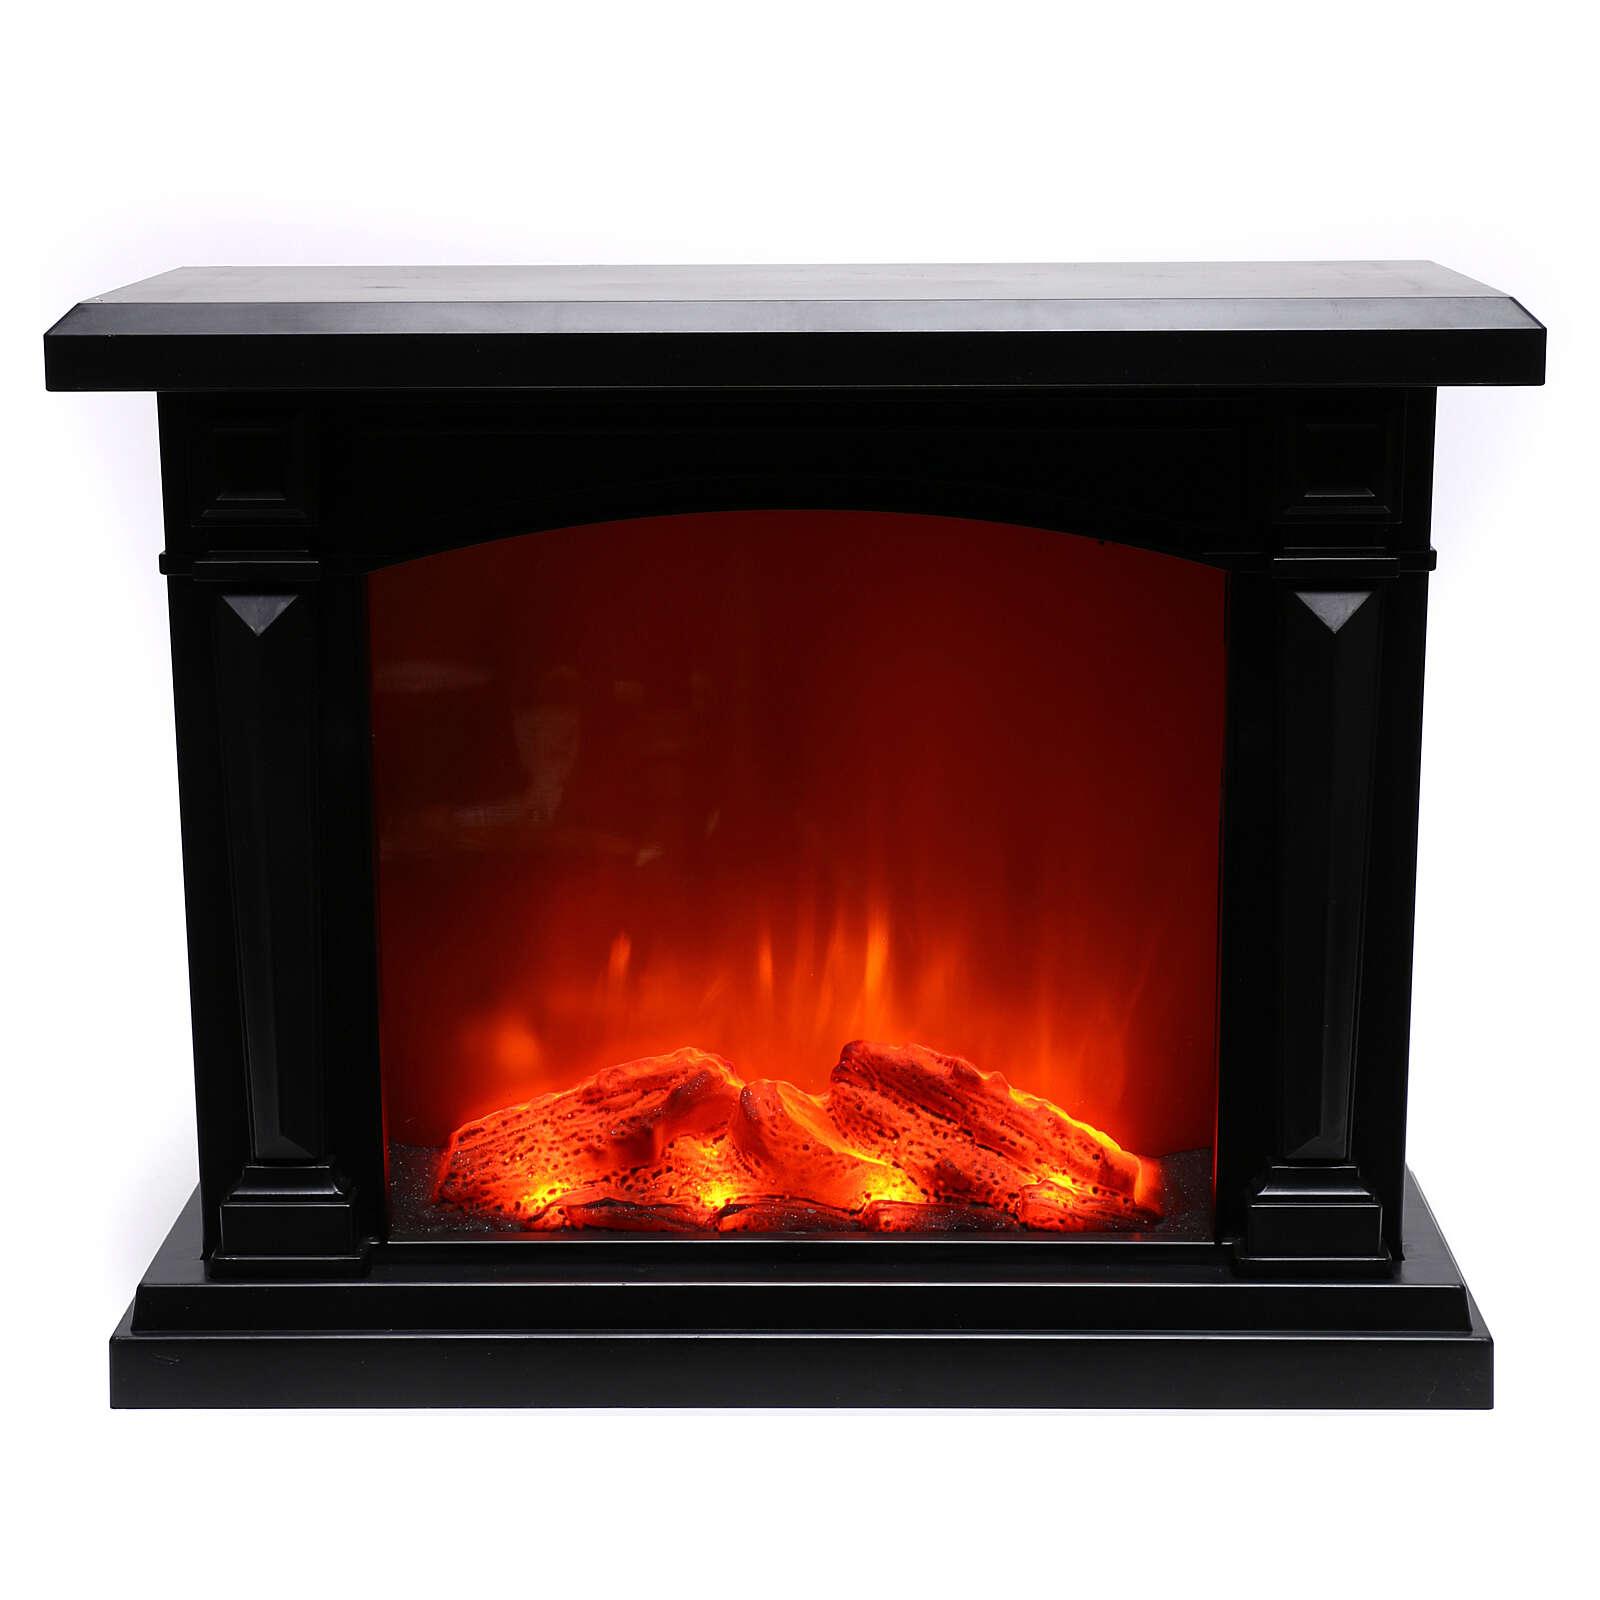 Kominek czarny led 35x40x15 cm efekt płomienia 3